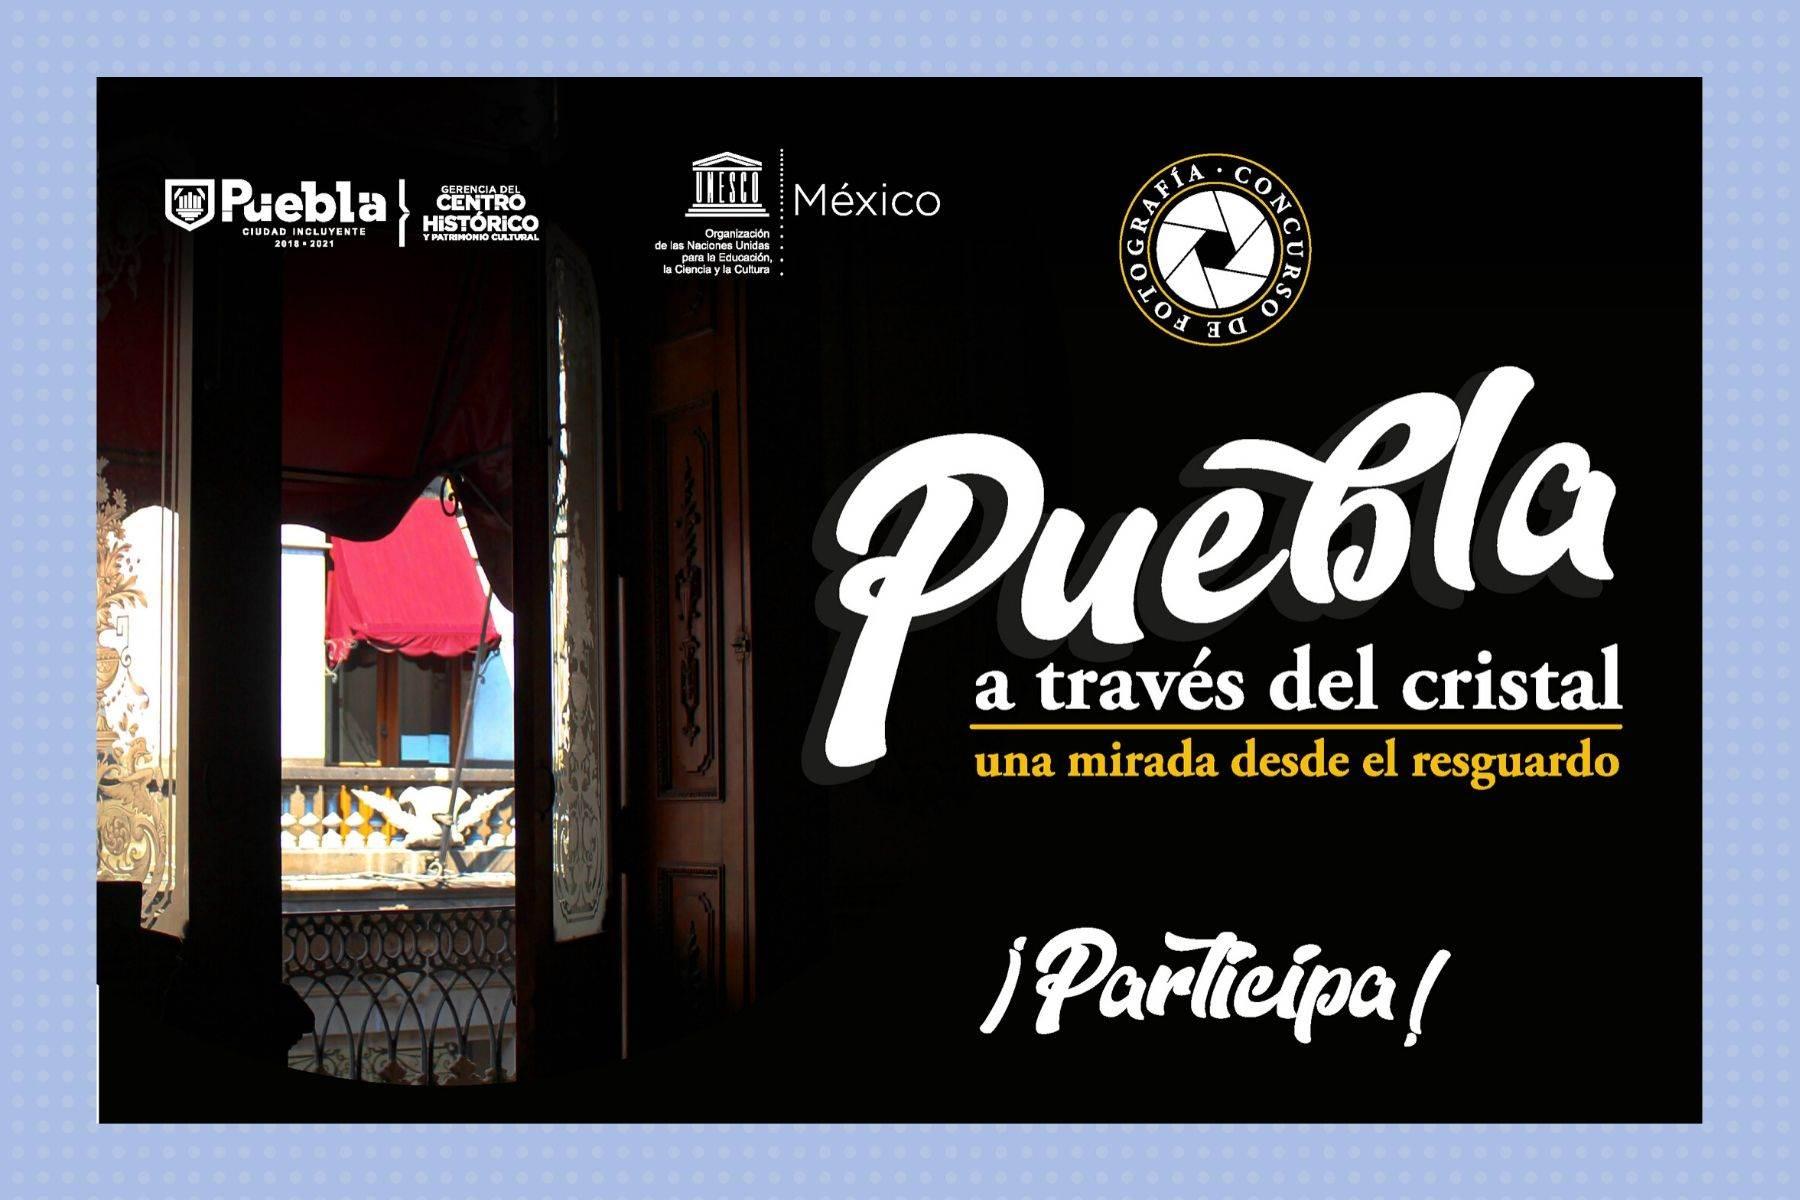 La Unesco y el Ayuntamiento capitalino lanzan concurso fotográfico